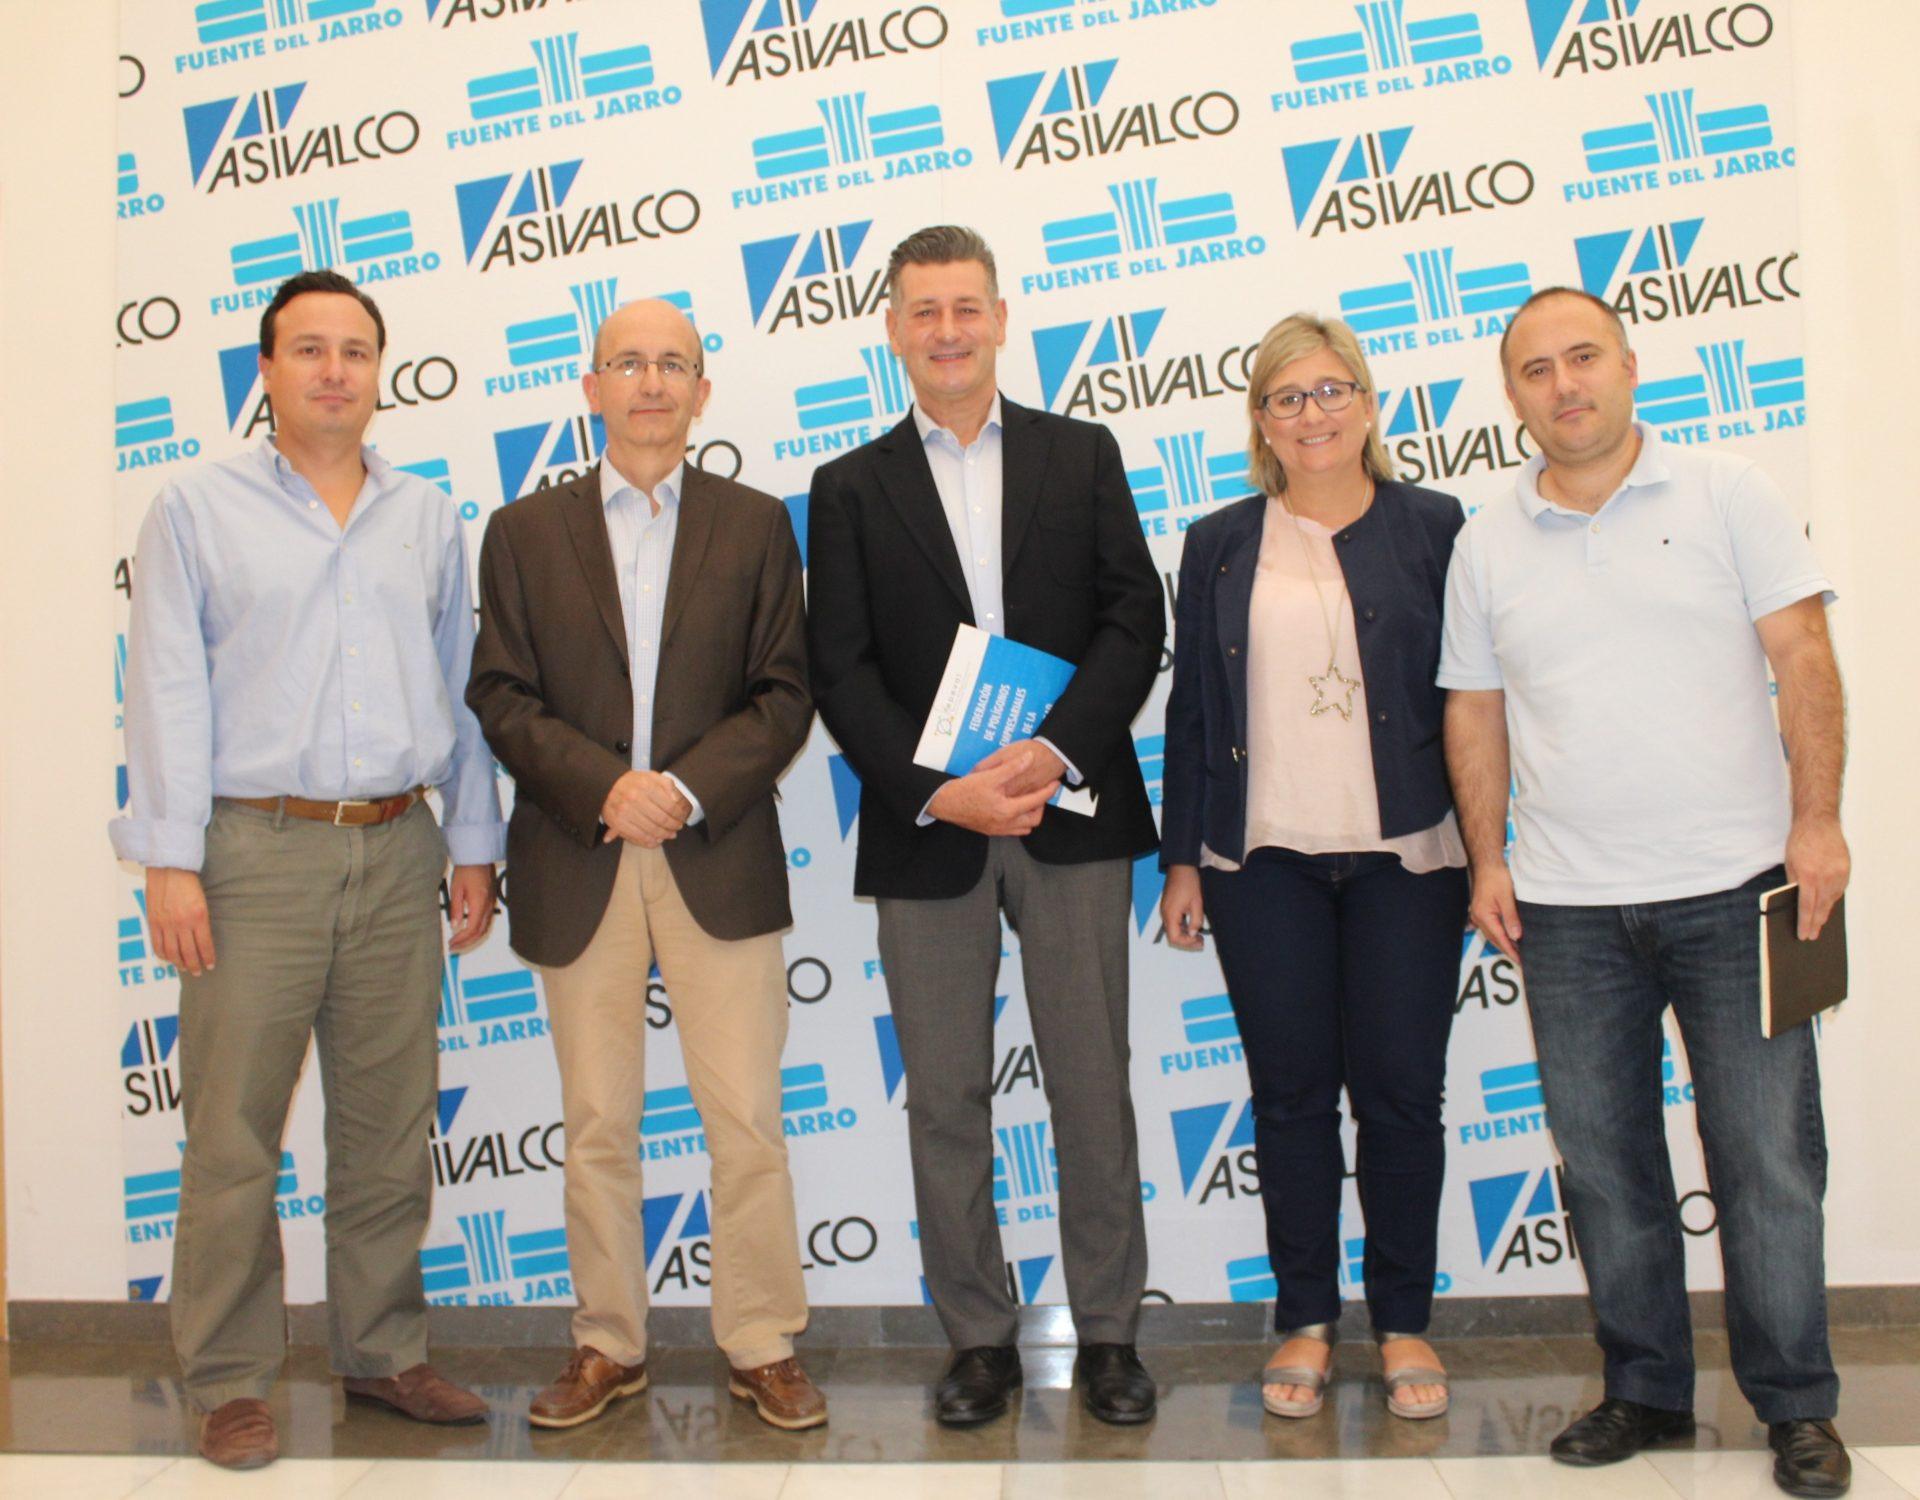 Los diputados provinciales de València José Enrique Aguar y Mamen Peris se reúnen con FEPEVAL.